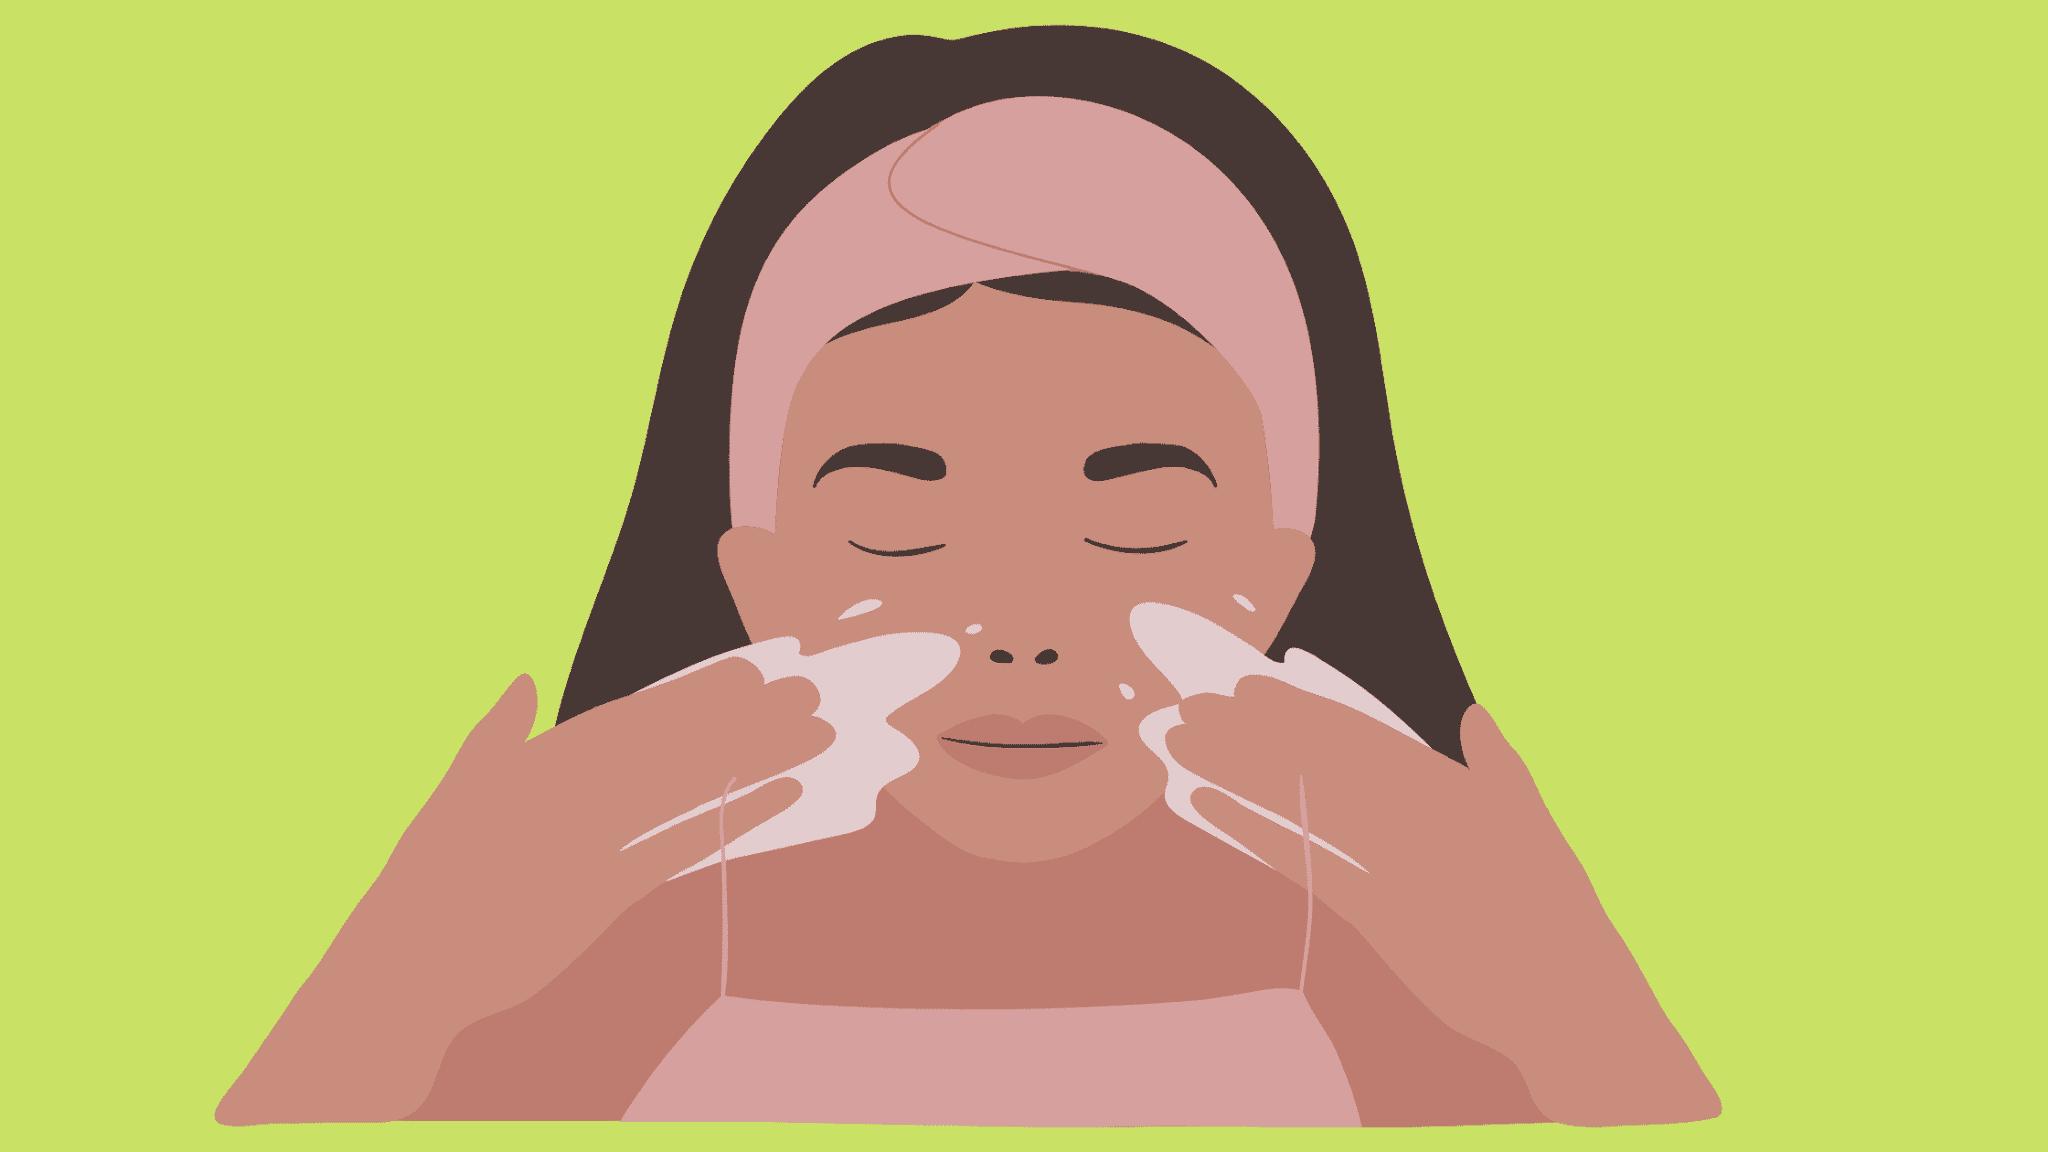 كيفية الاعتناء بالبشرة بقناع طبيعي mask